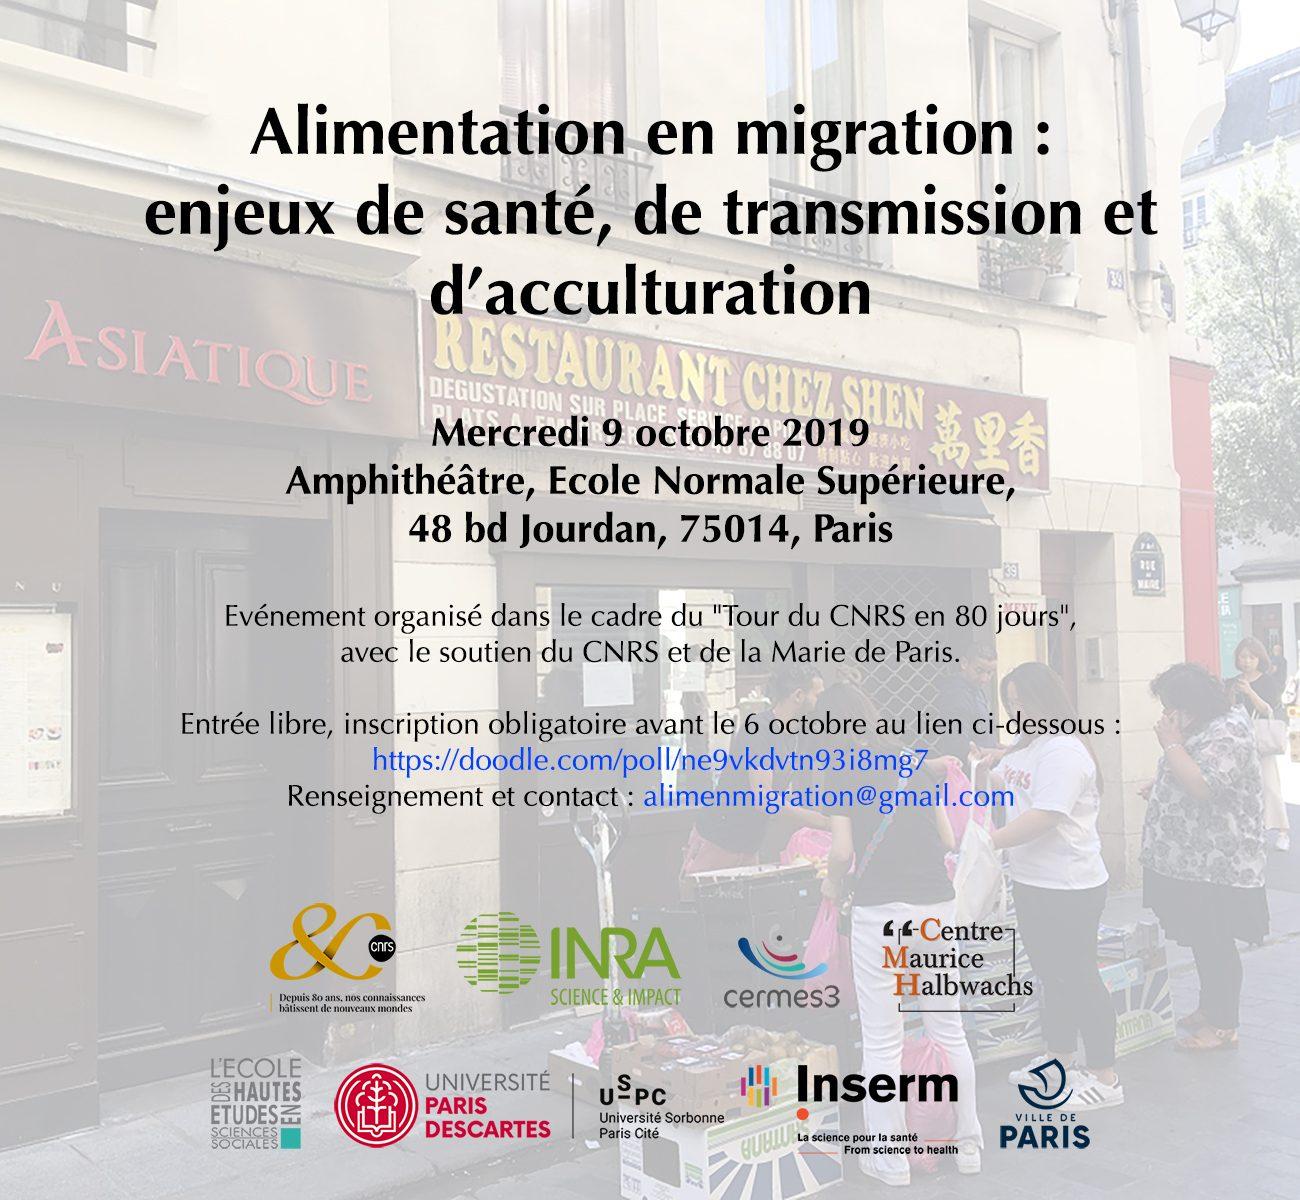 Alimentation en migration. Enjeux de santé, de transmission et d'acculturation